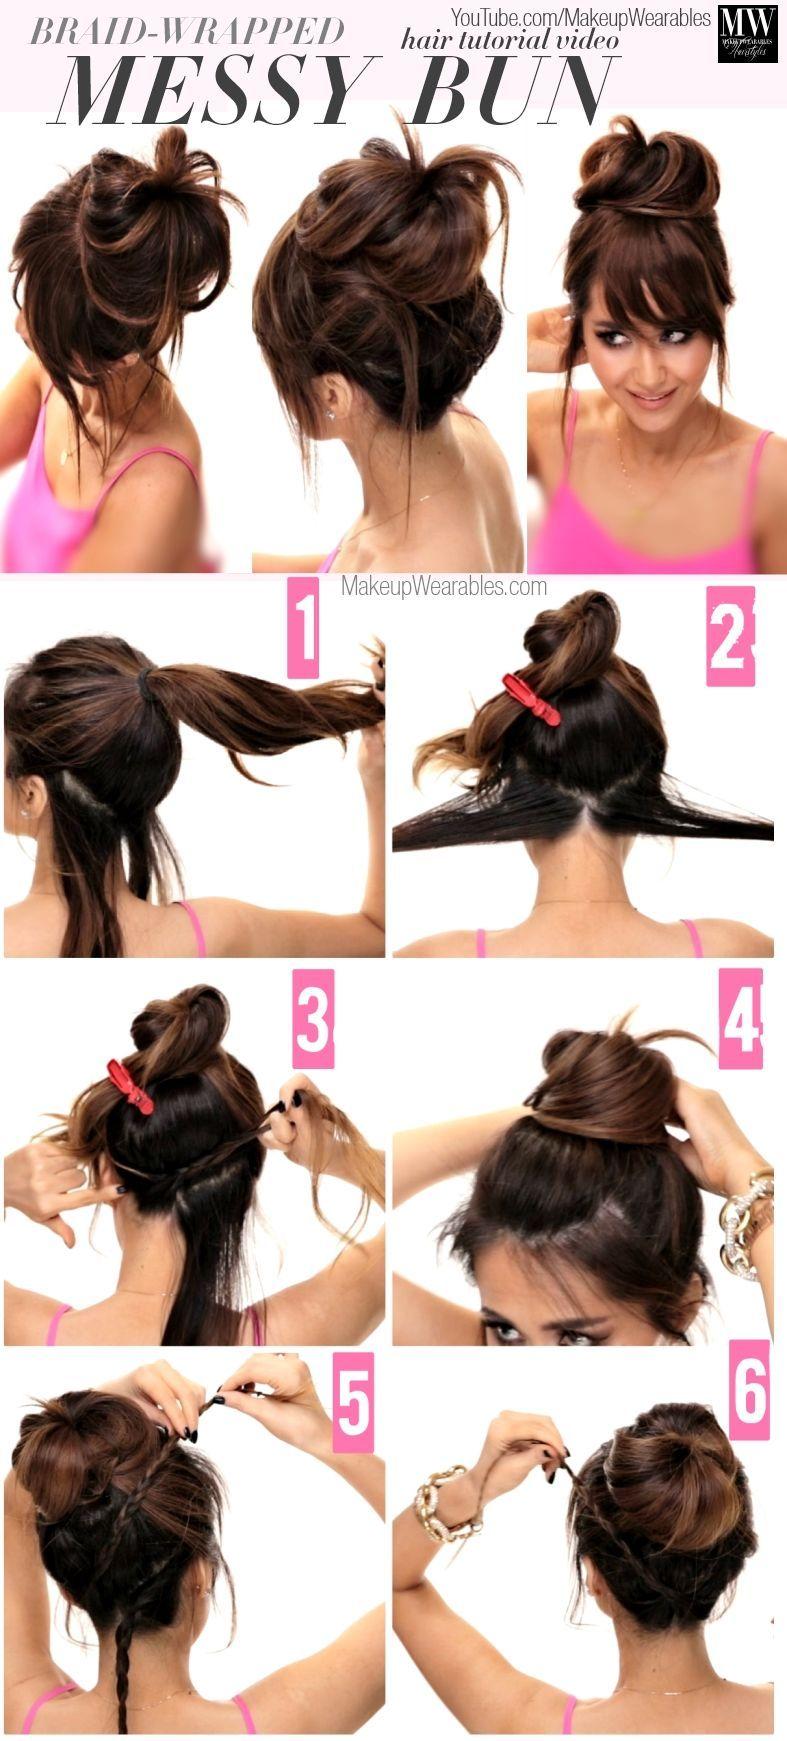 Braid Wrapped Messy Bun Hair Beauty Long Hair Updo Bun Diy Hair Hair Tutorial Hairstyles Tutorials H Hair Styles Easy Hairstyles For Long Hair Long Hair Styles